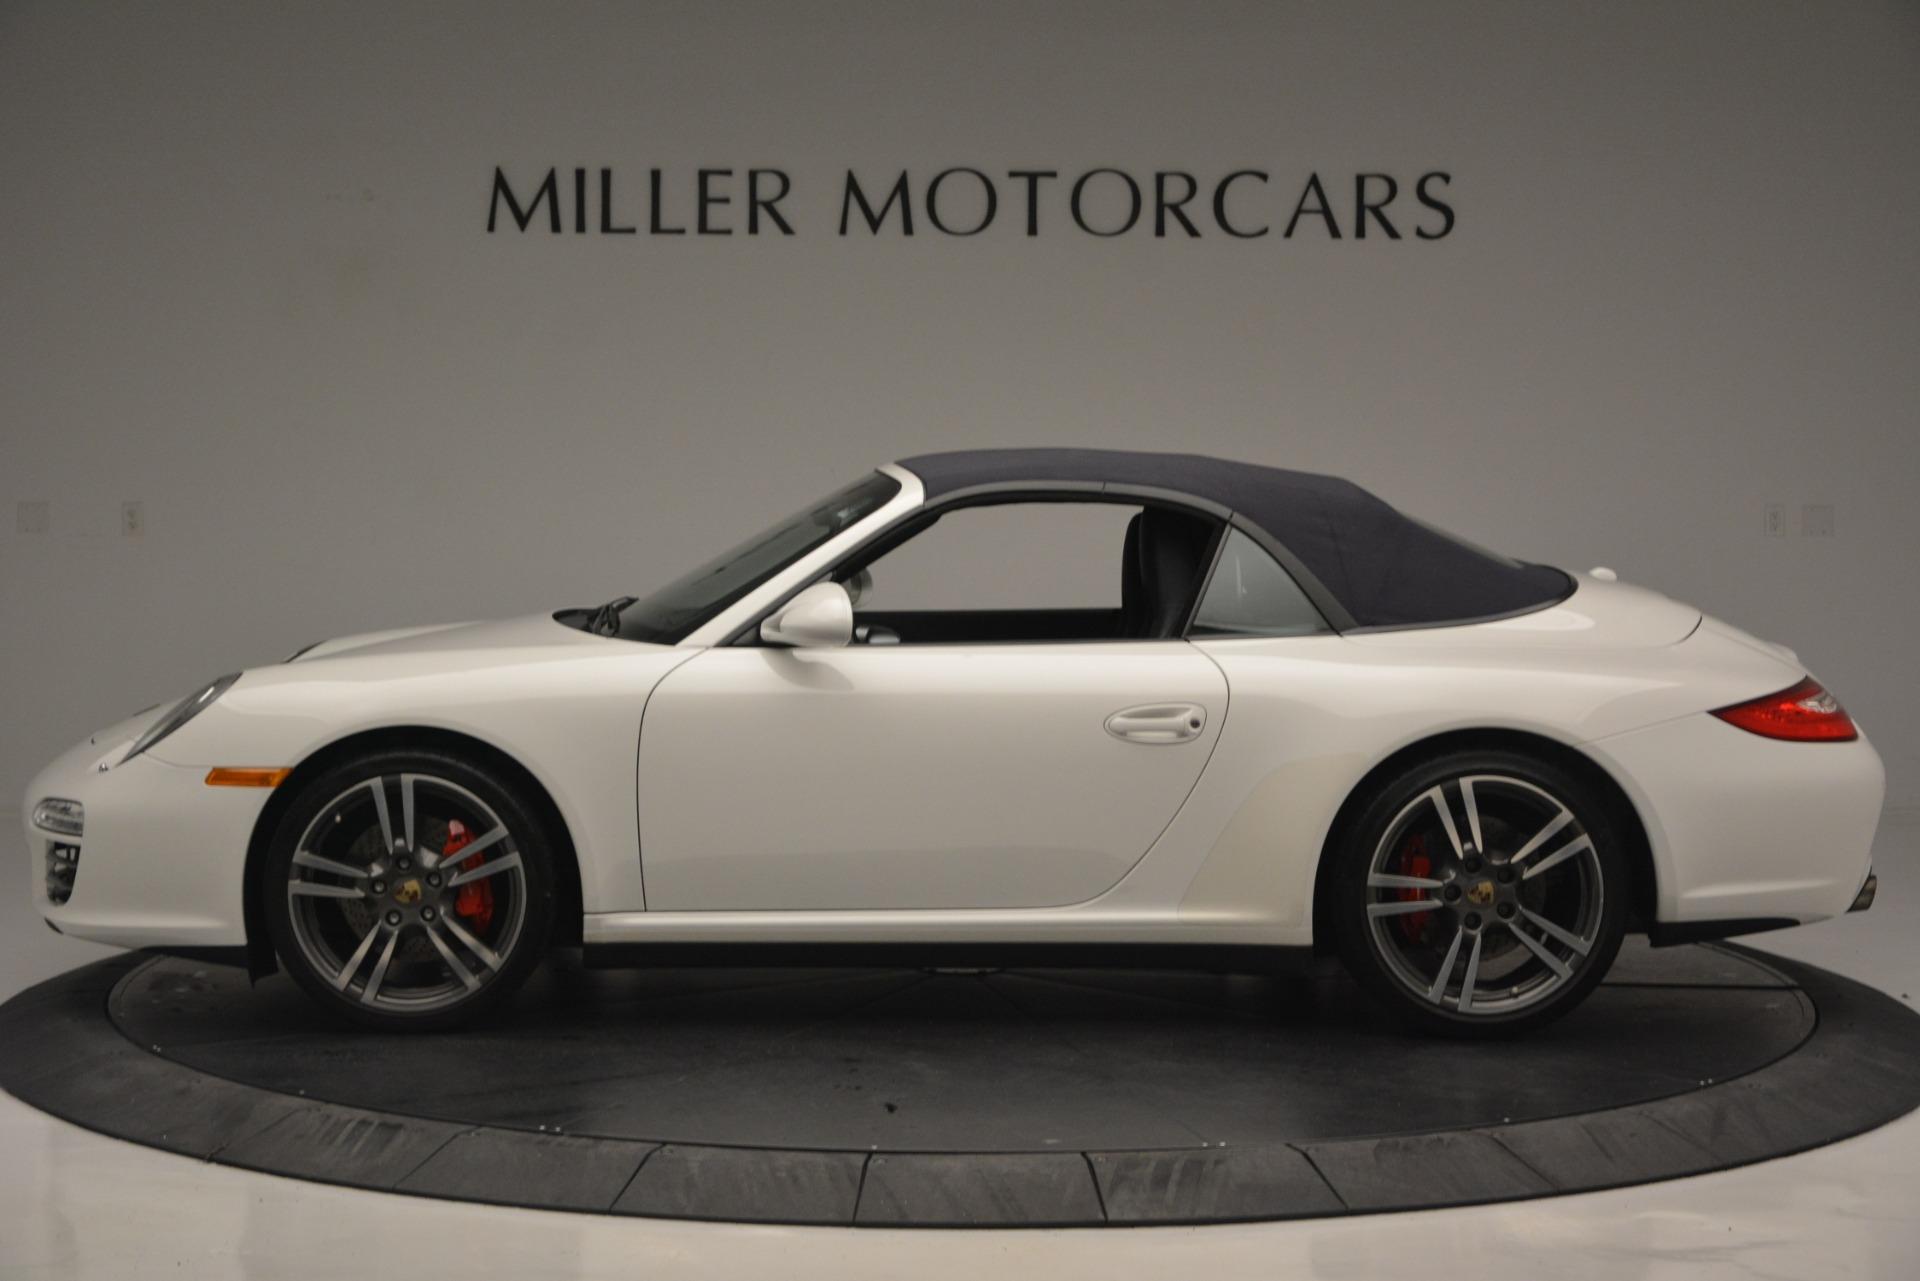 Used 2011 Porsche 911 Carrera 4S For Sale In Greenwich, CT 2600_p14